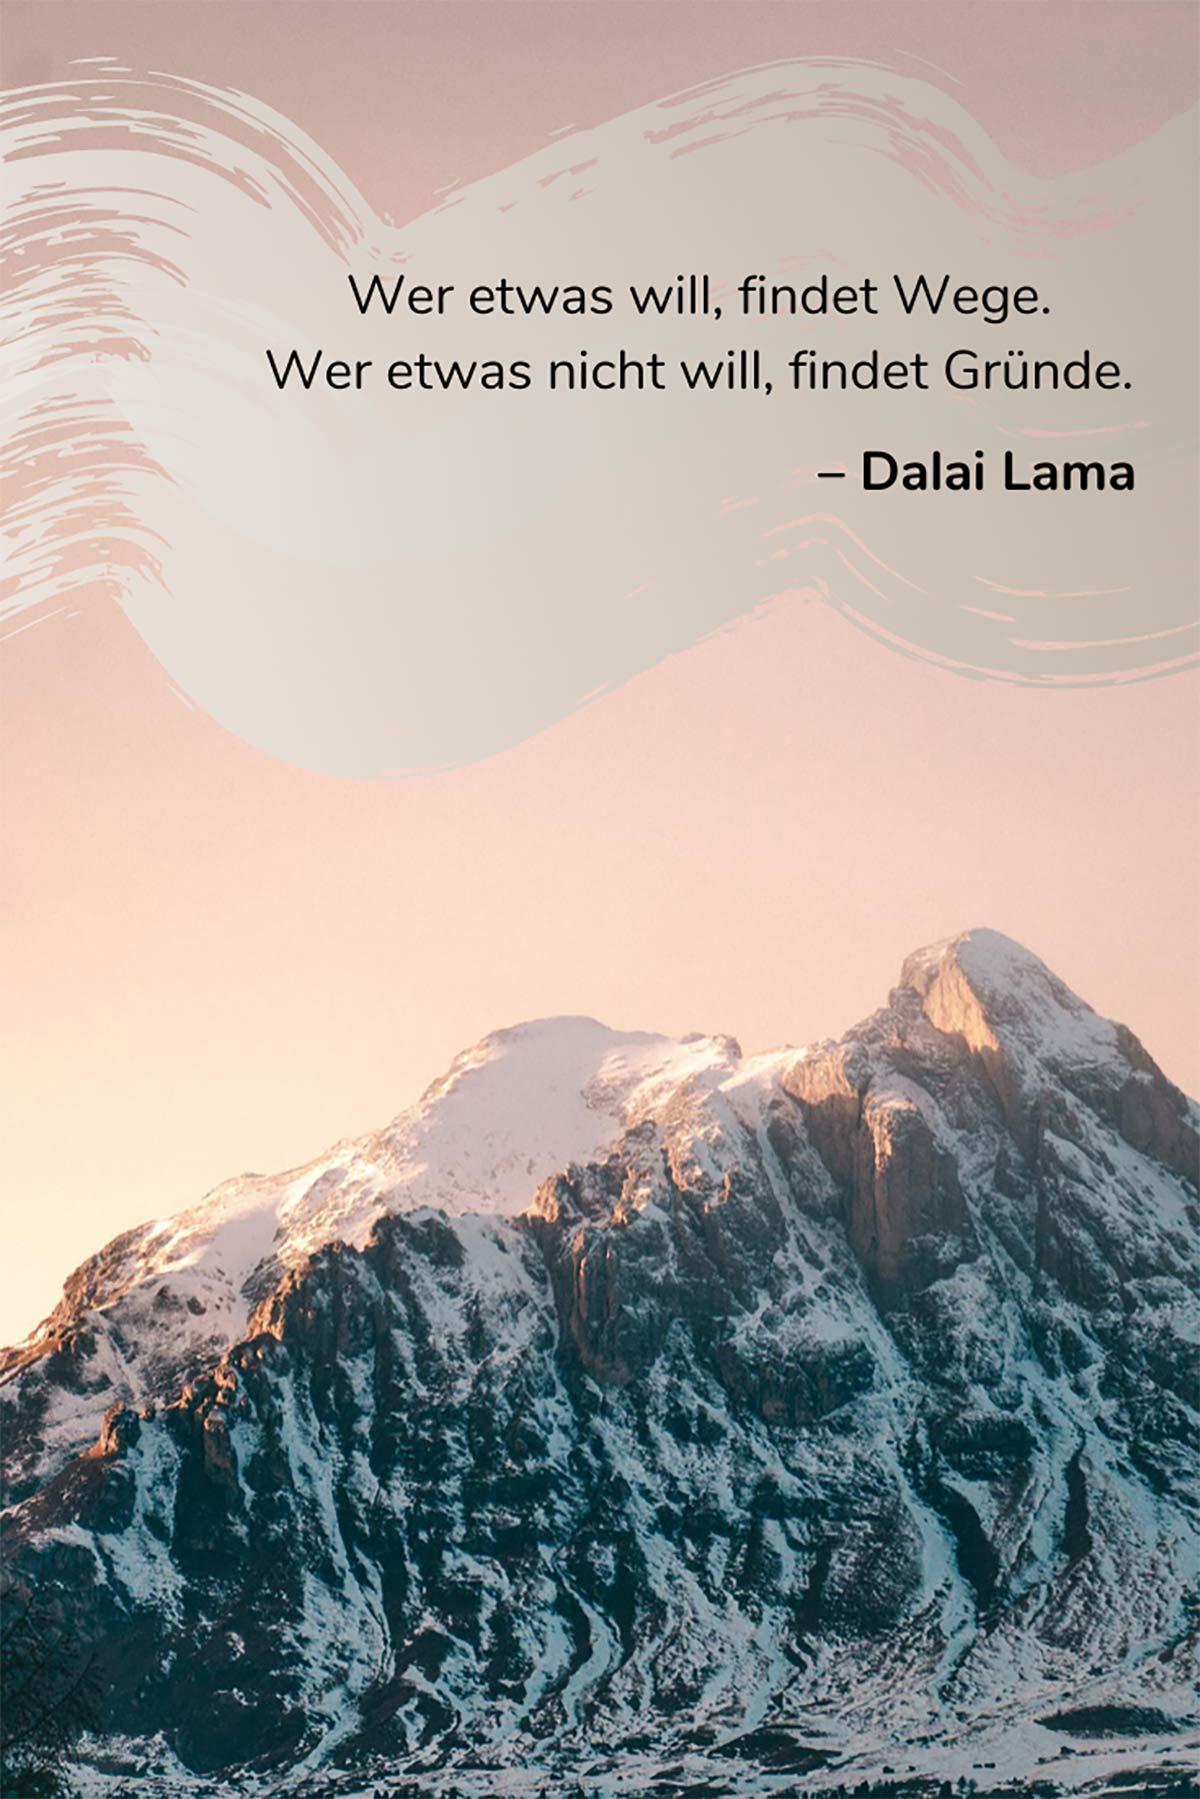 sprueche dalai lama